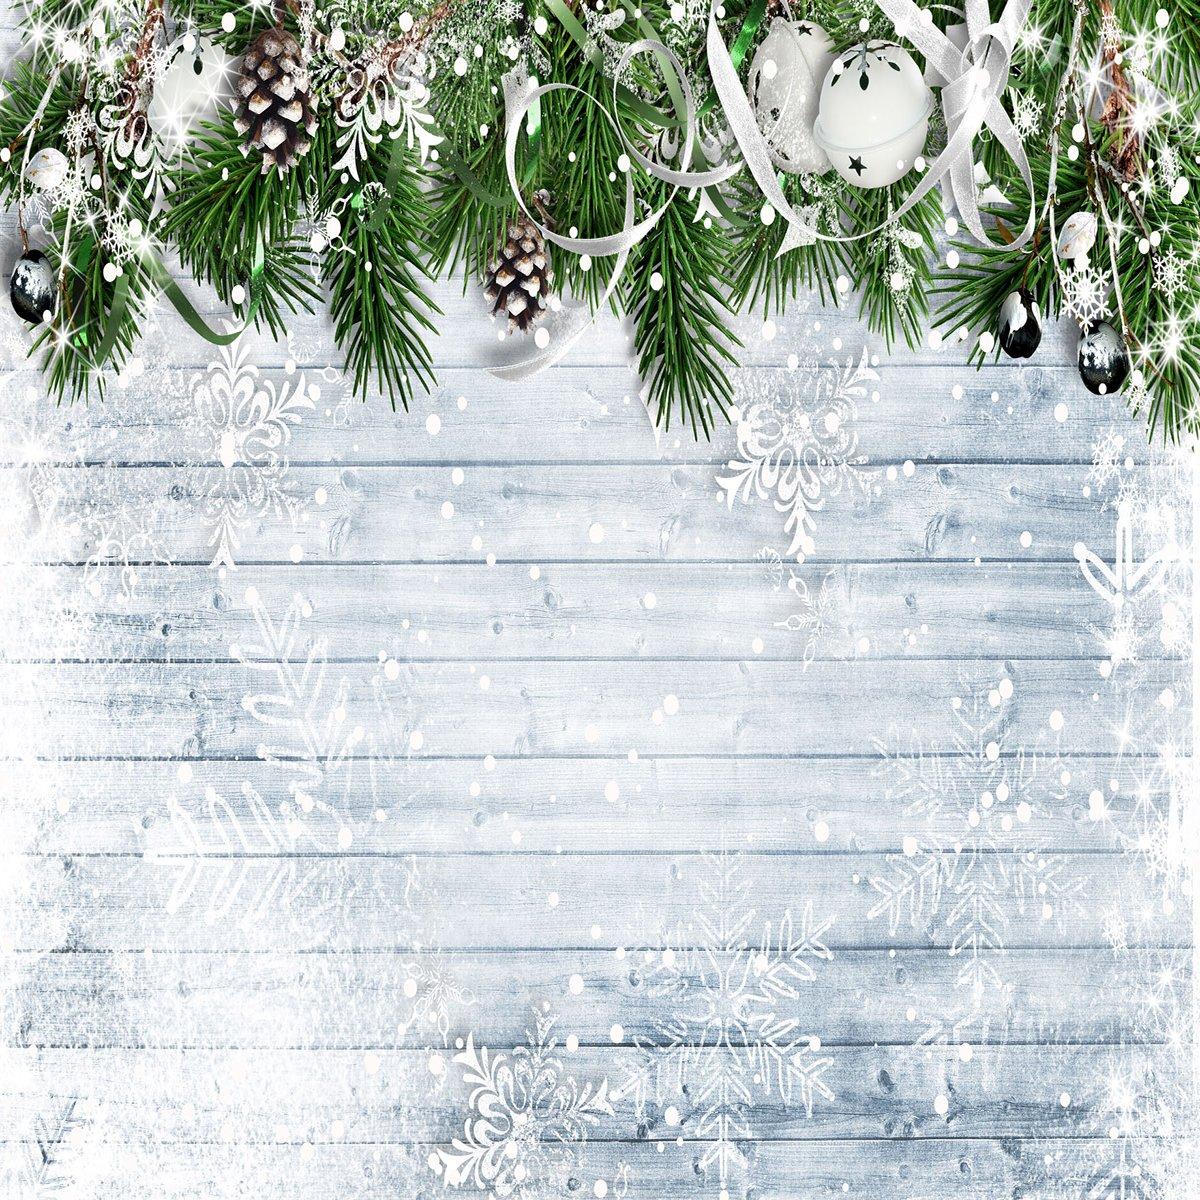 ケイト10 x 10ftクリスマスフォトスタジオ背景木製壁withホワイト雪写真小道具の背景にクリスマスツリーベル写真ブース小道具   B07FSCMXY8